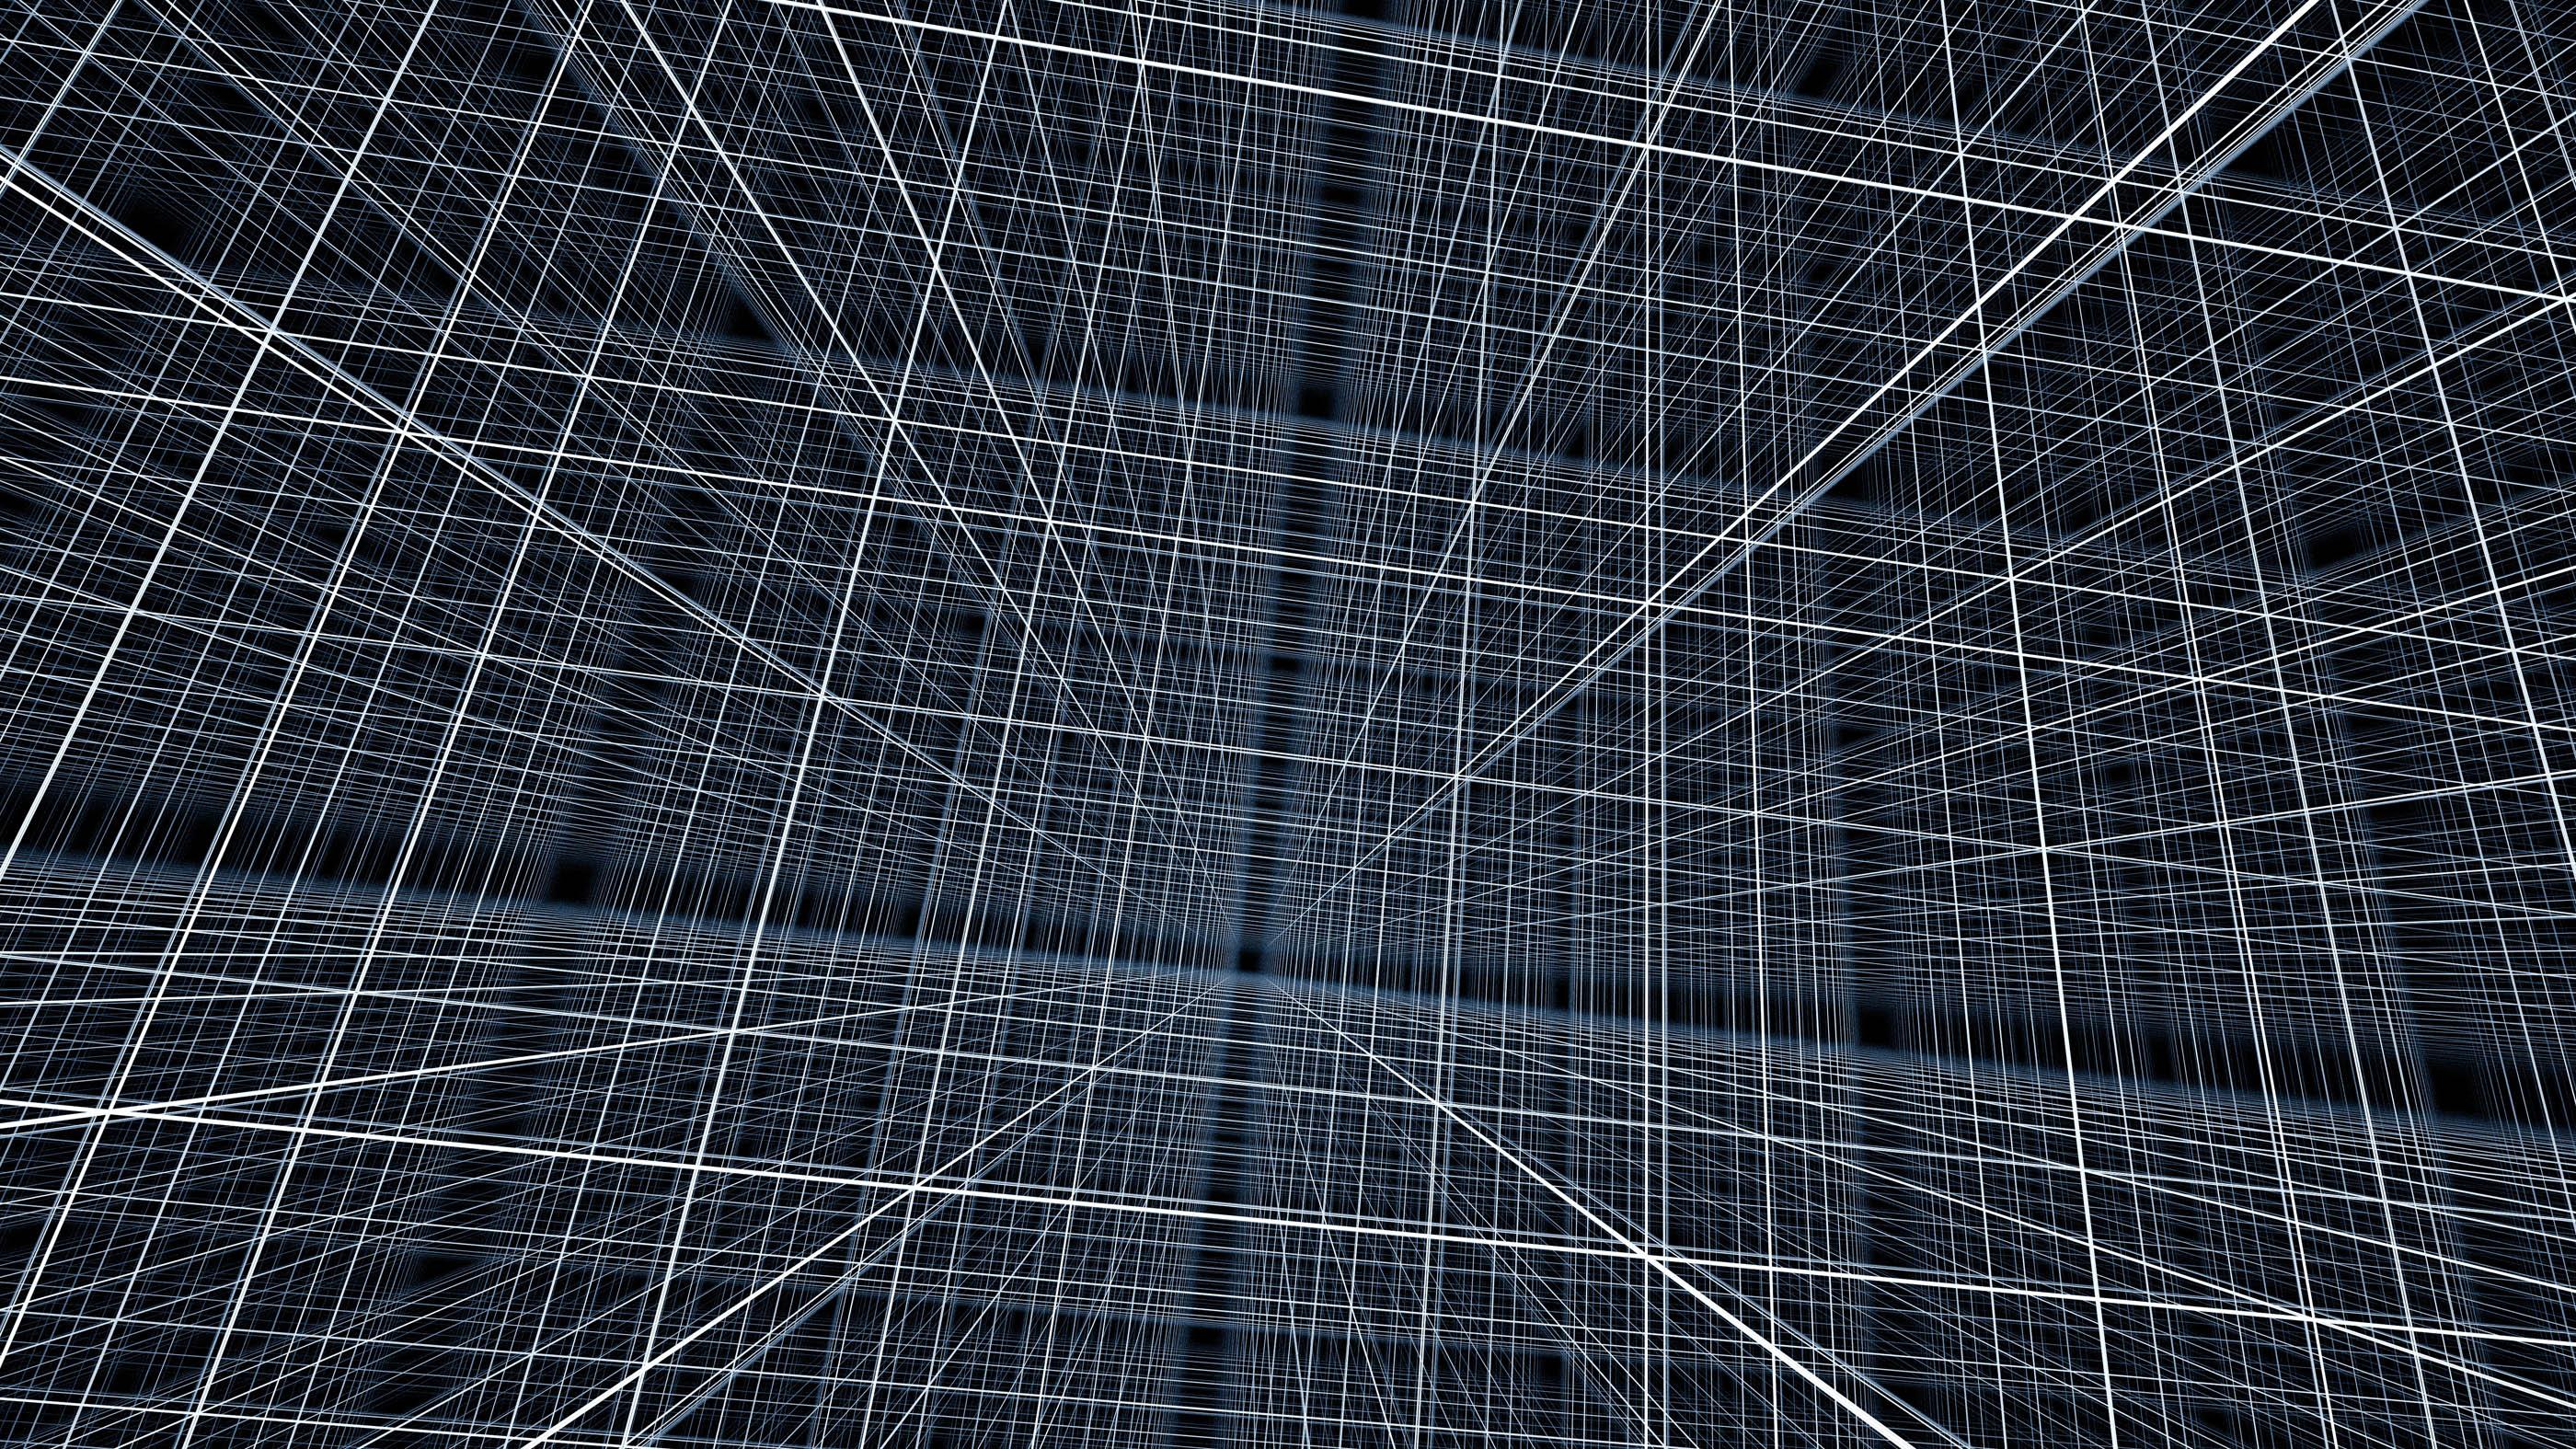 Une grille ou un treillis multidimensionnel.